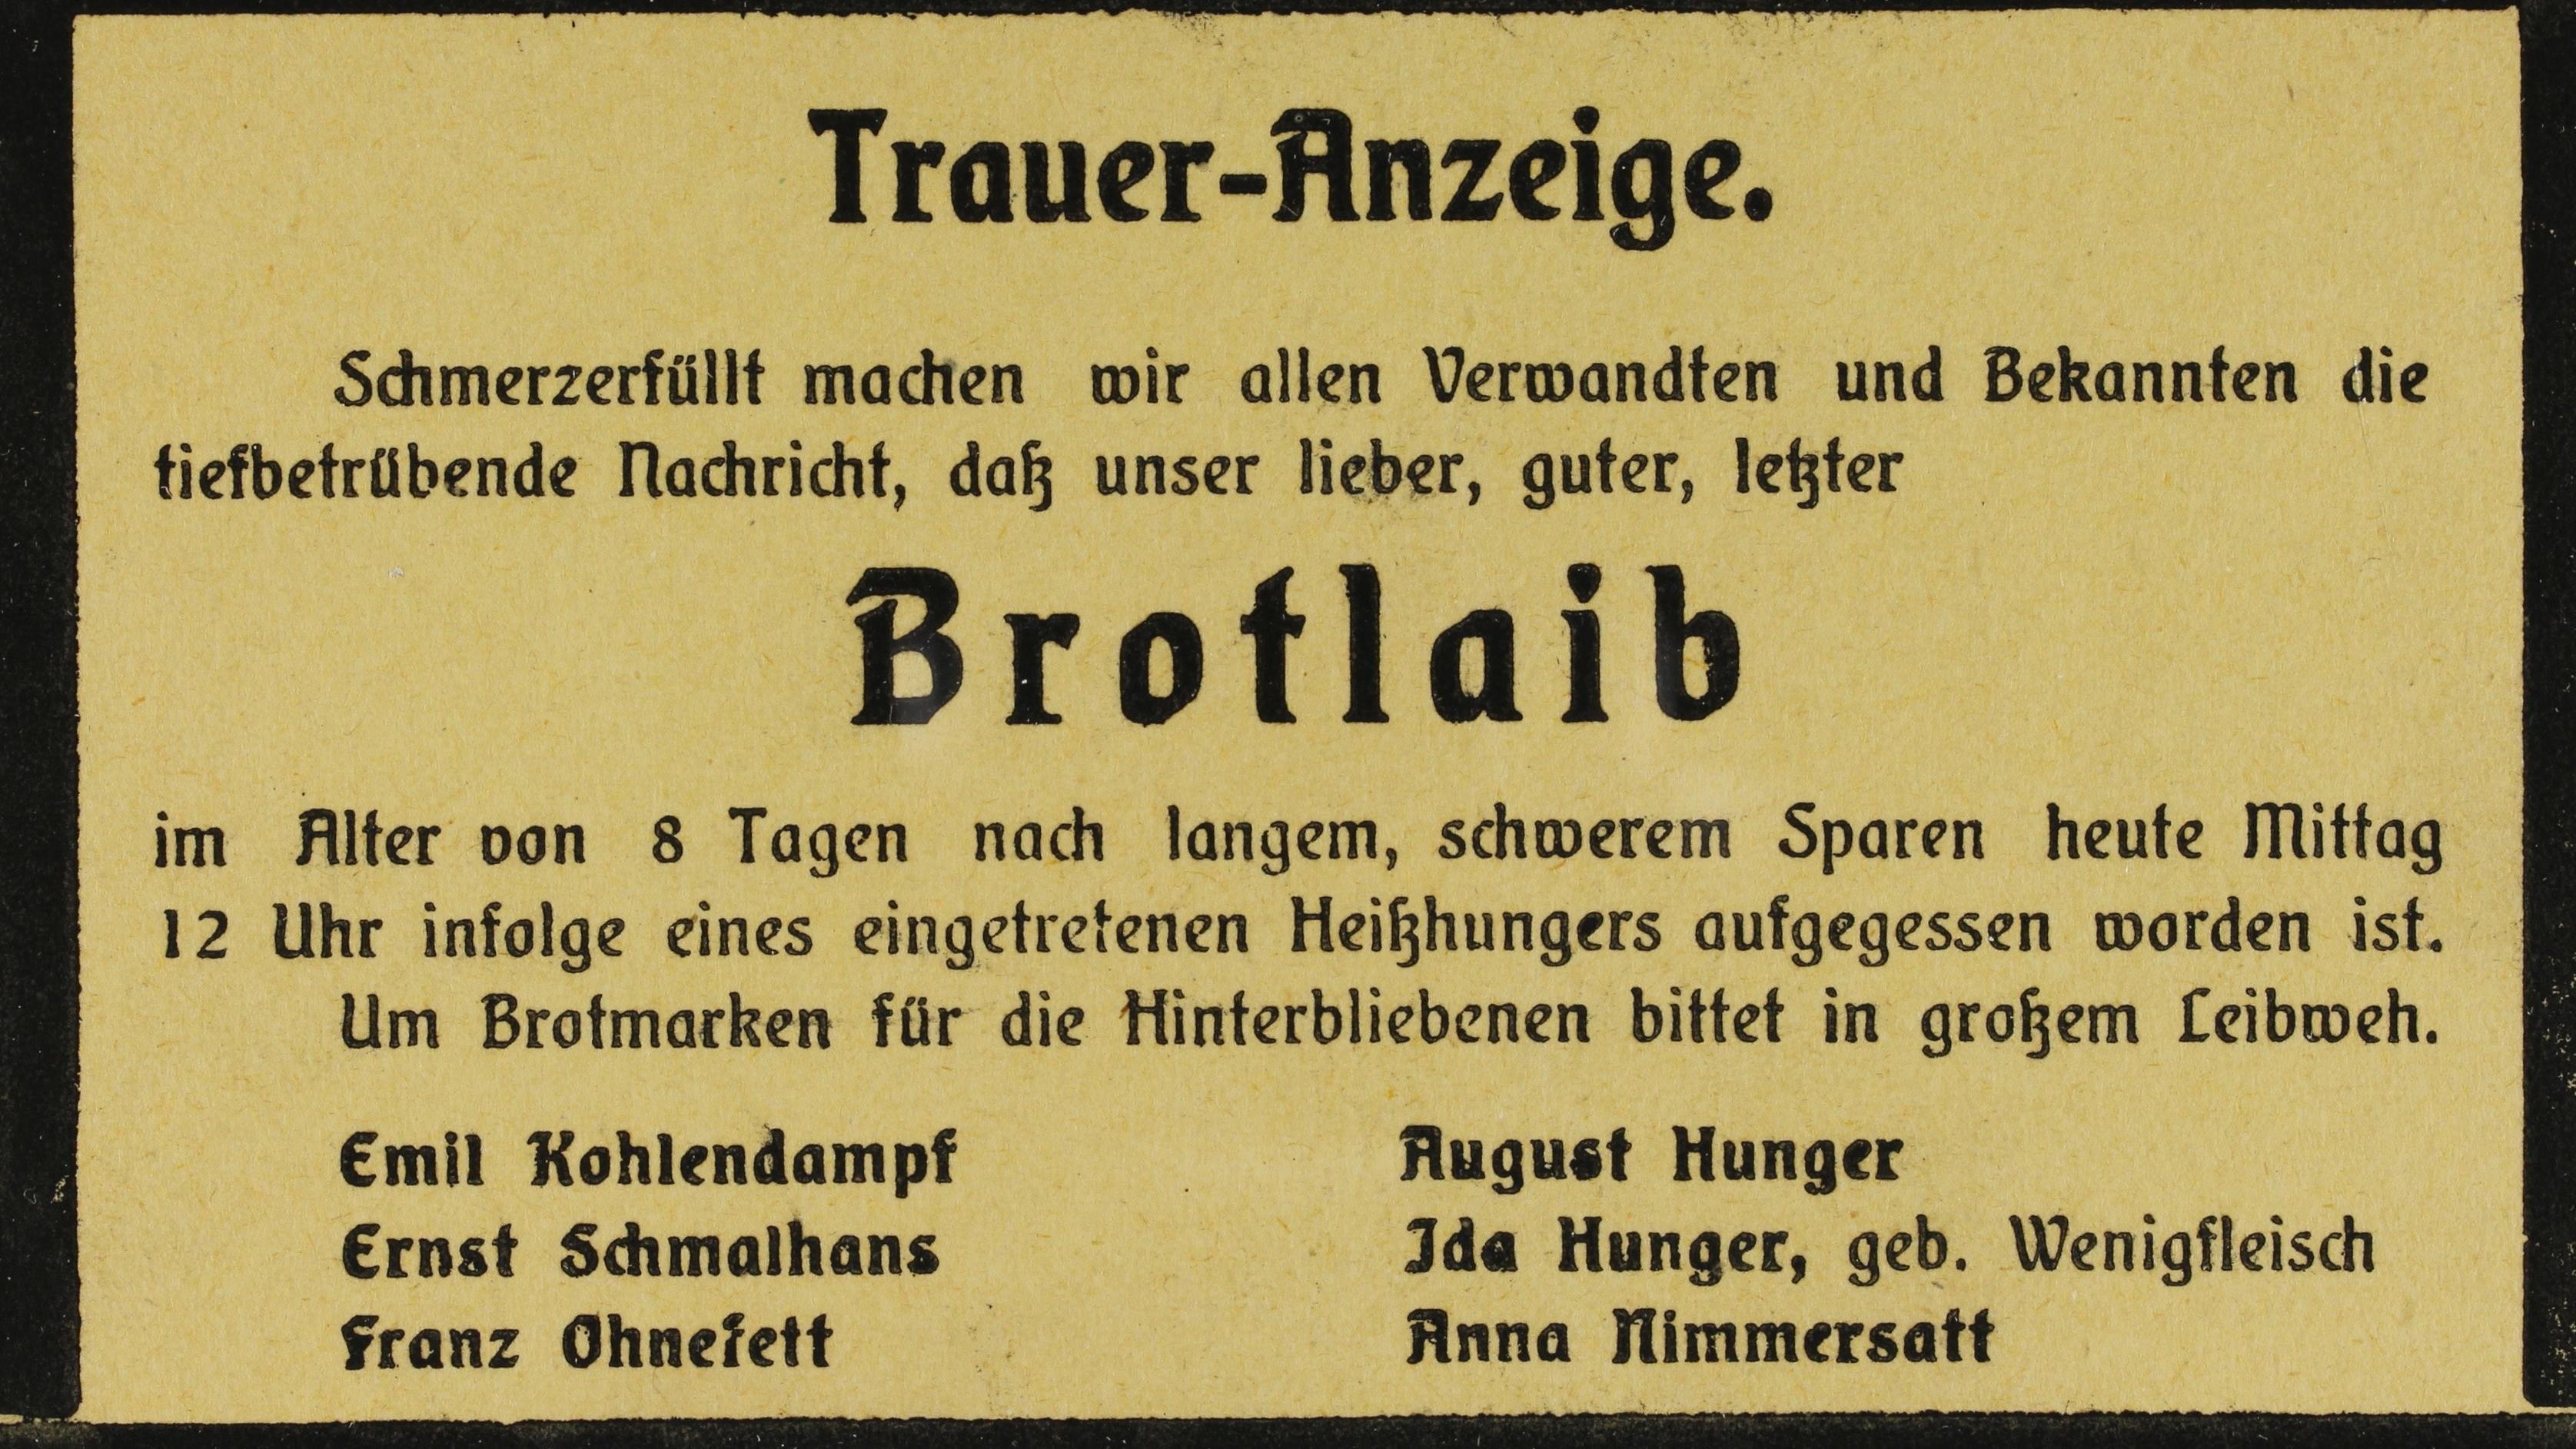 """Sarkastische """"Traueranzeige"""" 1918"""